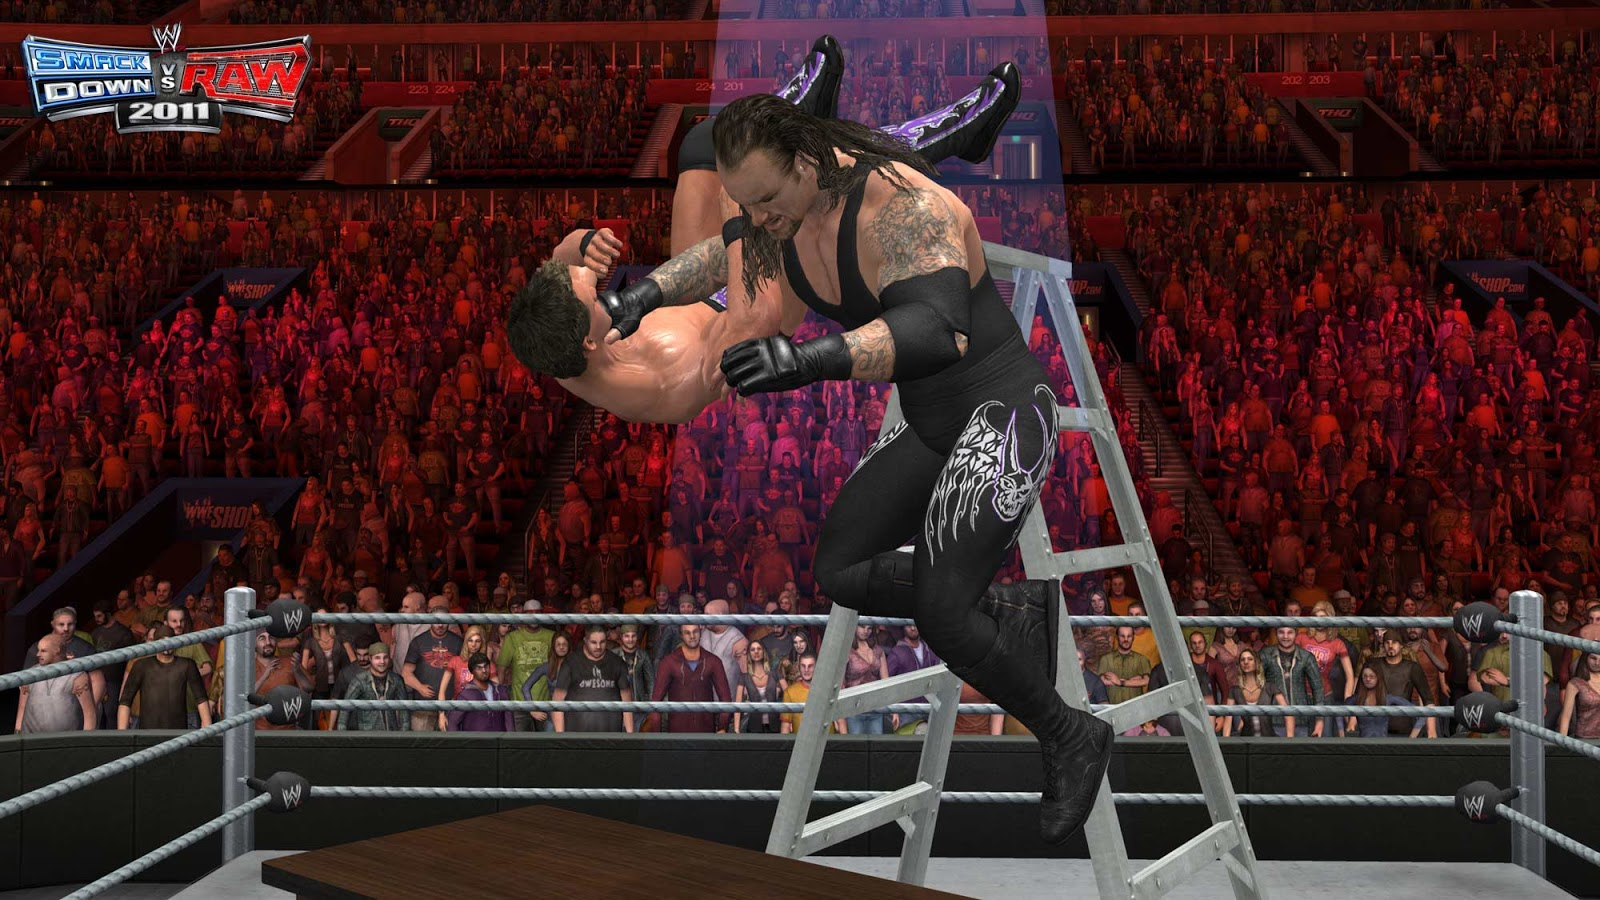 تنزيل لعبة المصارعة WWe Impact كاملة للكمبيوتر برابط مباشر من ميديا فاير WWE_SvR11-Undertaker